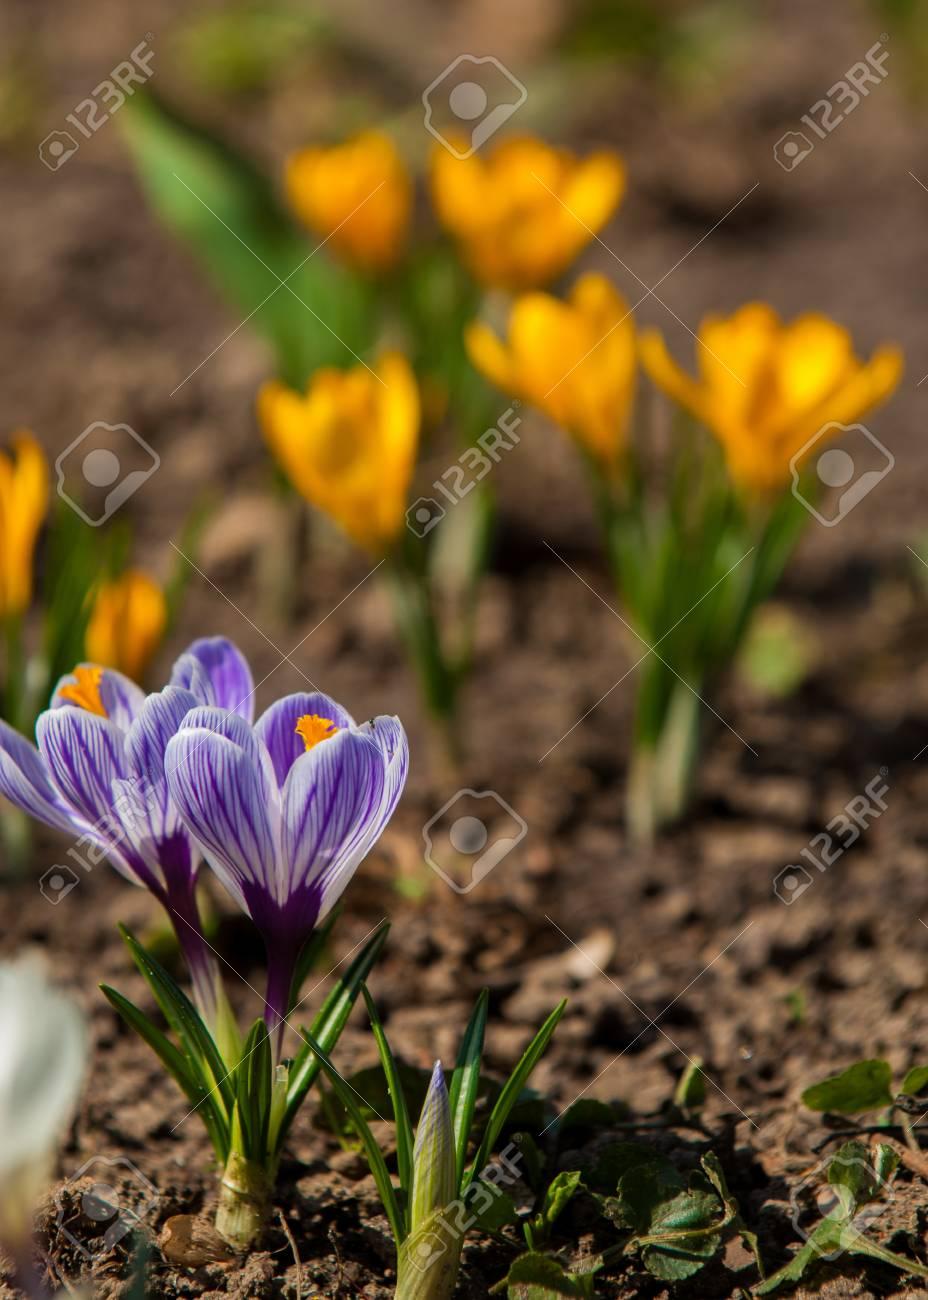 Primeln Bluhender Krokus Einer Der Ersten Blumen Zum Fruhling Die